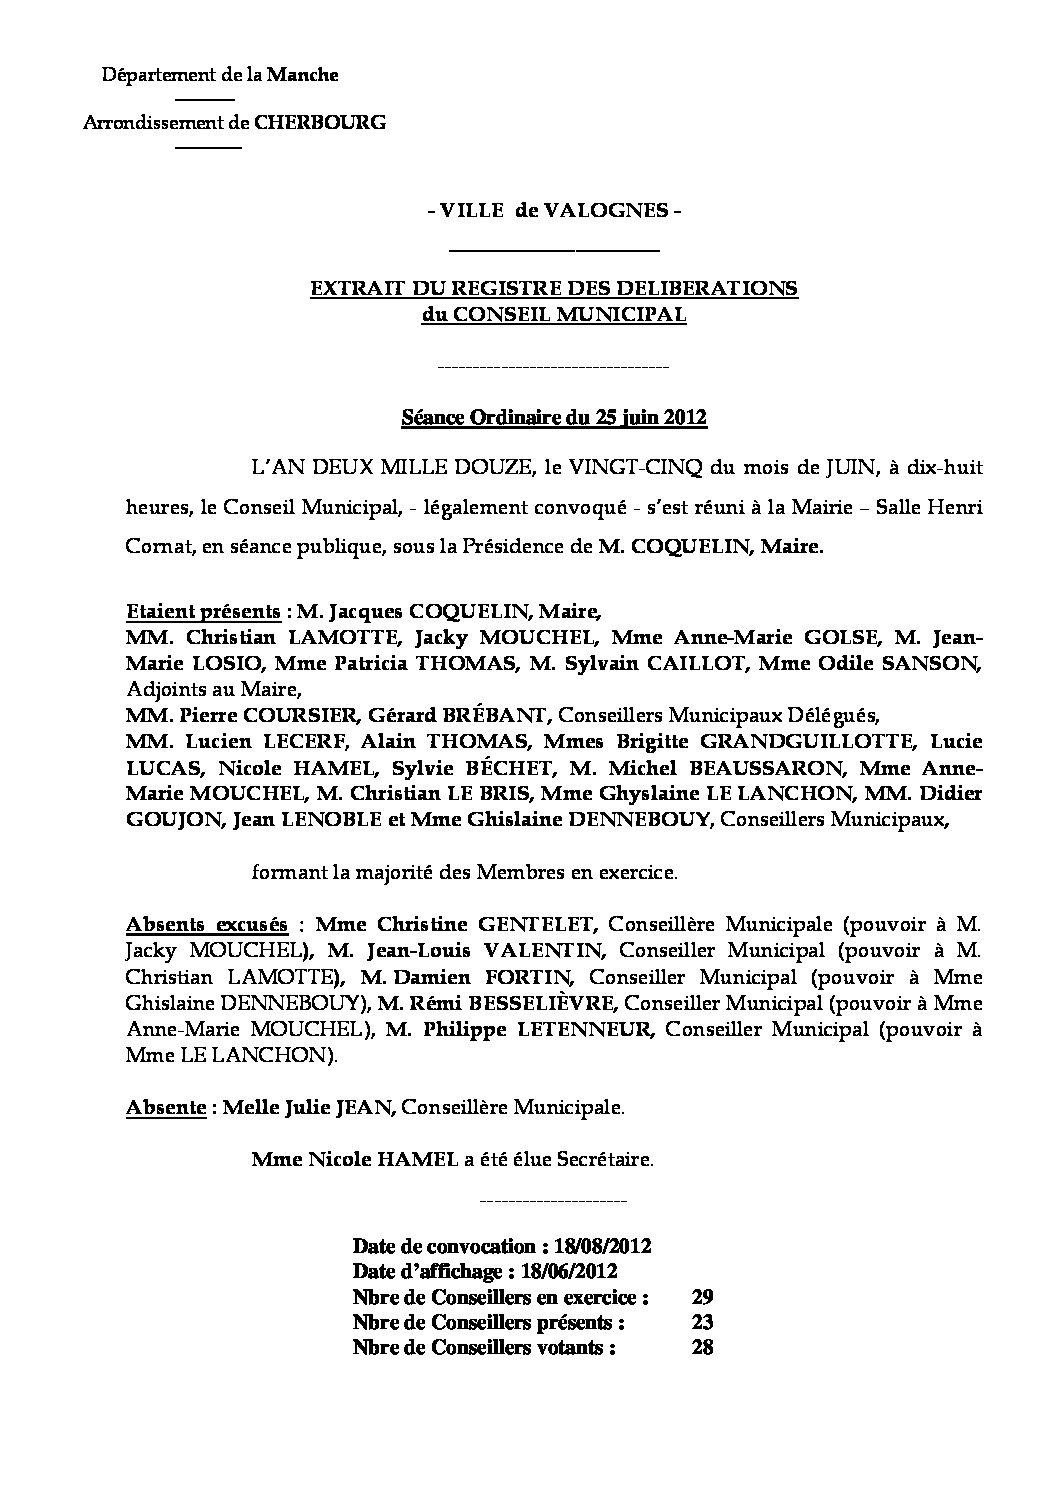 Extrait du registre des délibérations du 25-05-2012 - Compte rendu des questions soumises à délibération lors de la séance du lundi 25 juin 2012.